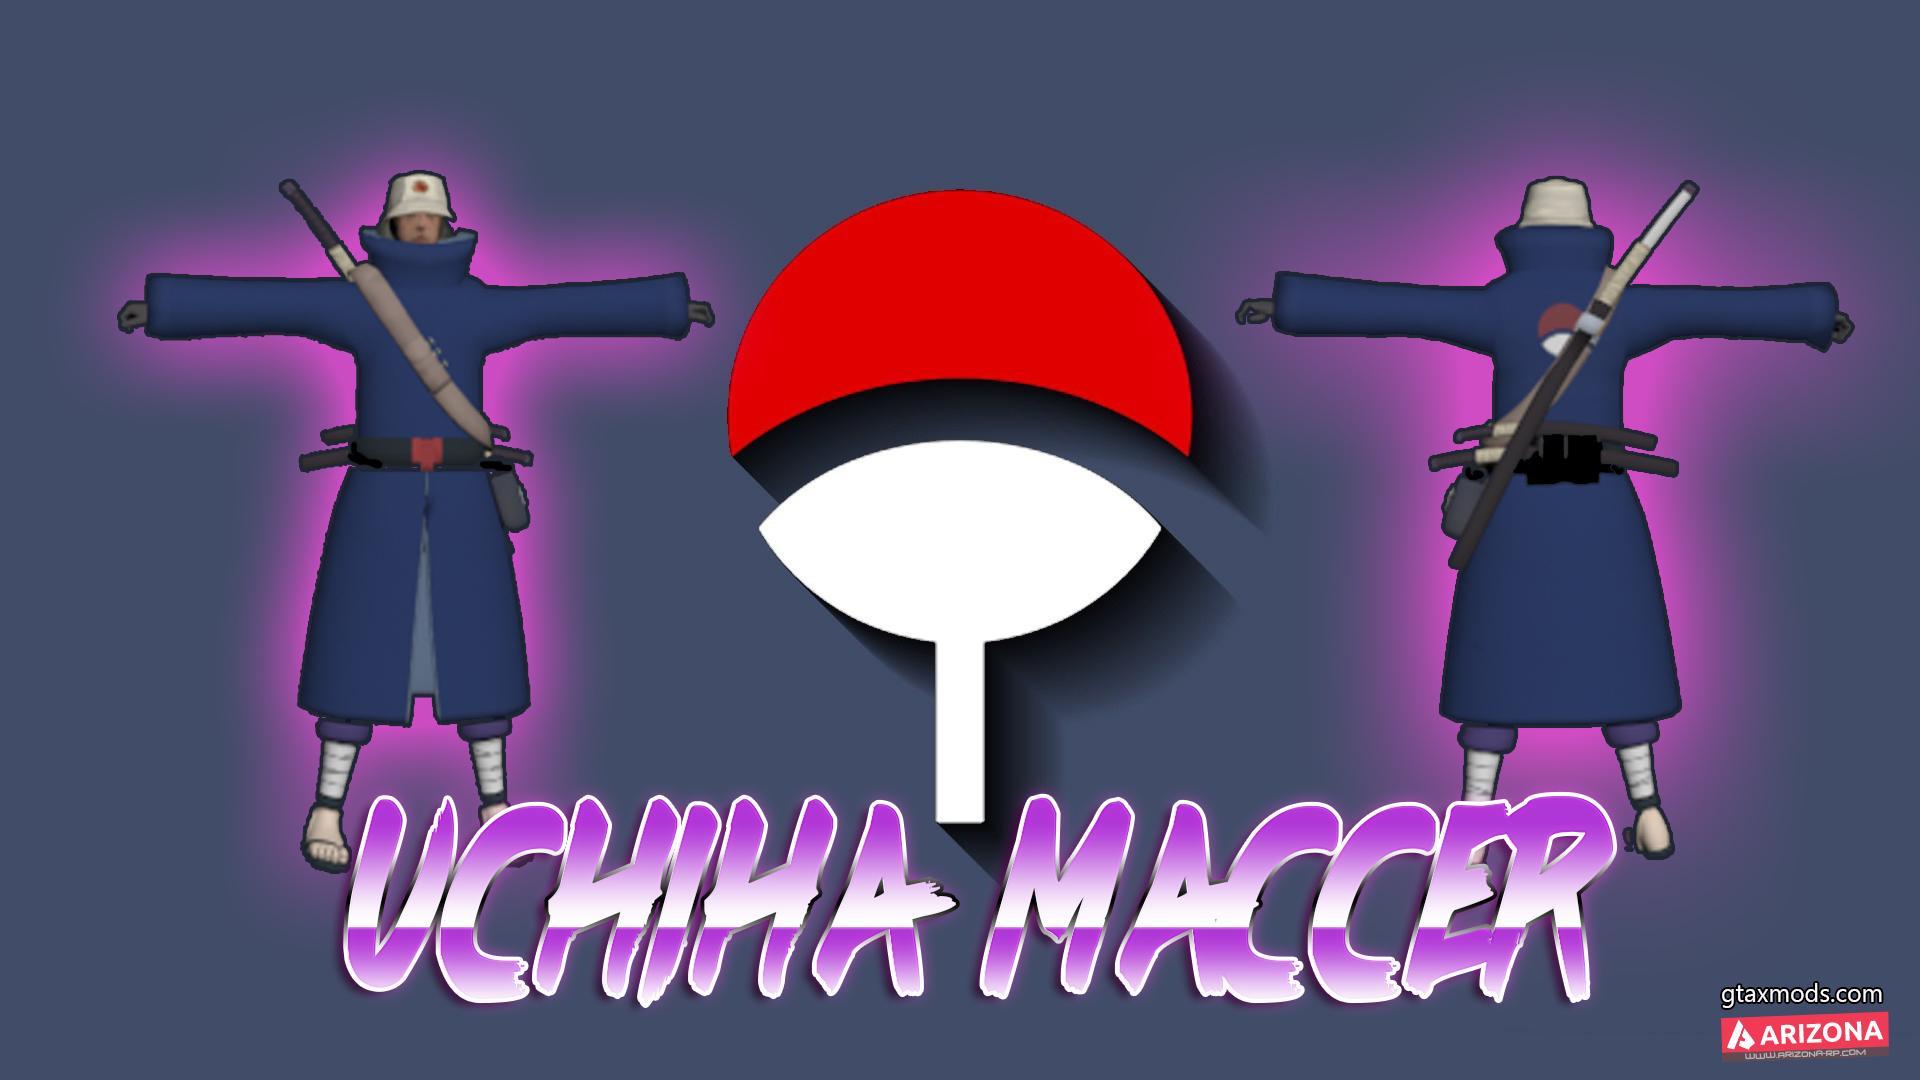 Uchiha Maccer By.Xii